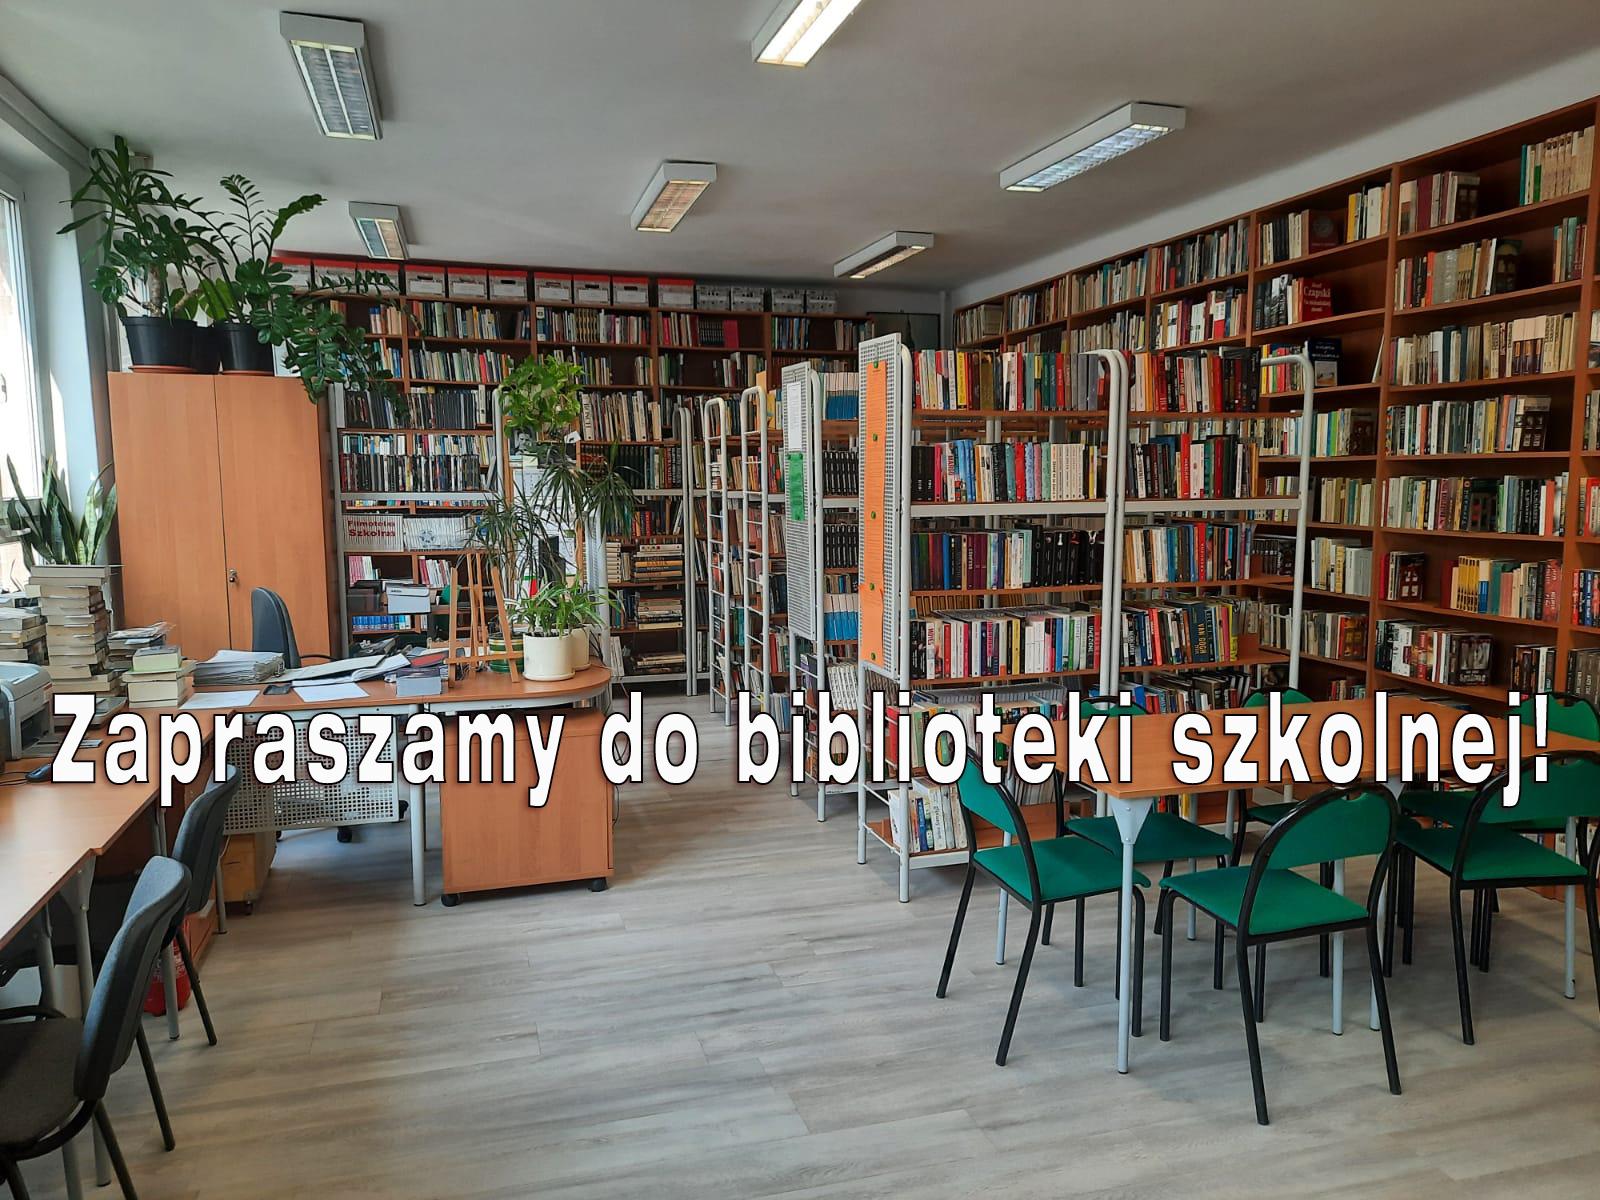 Zapraszamy do biblioteki szkolnej!